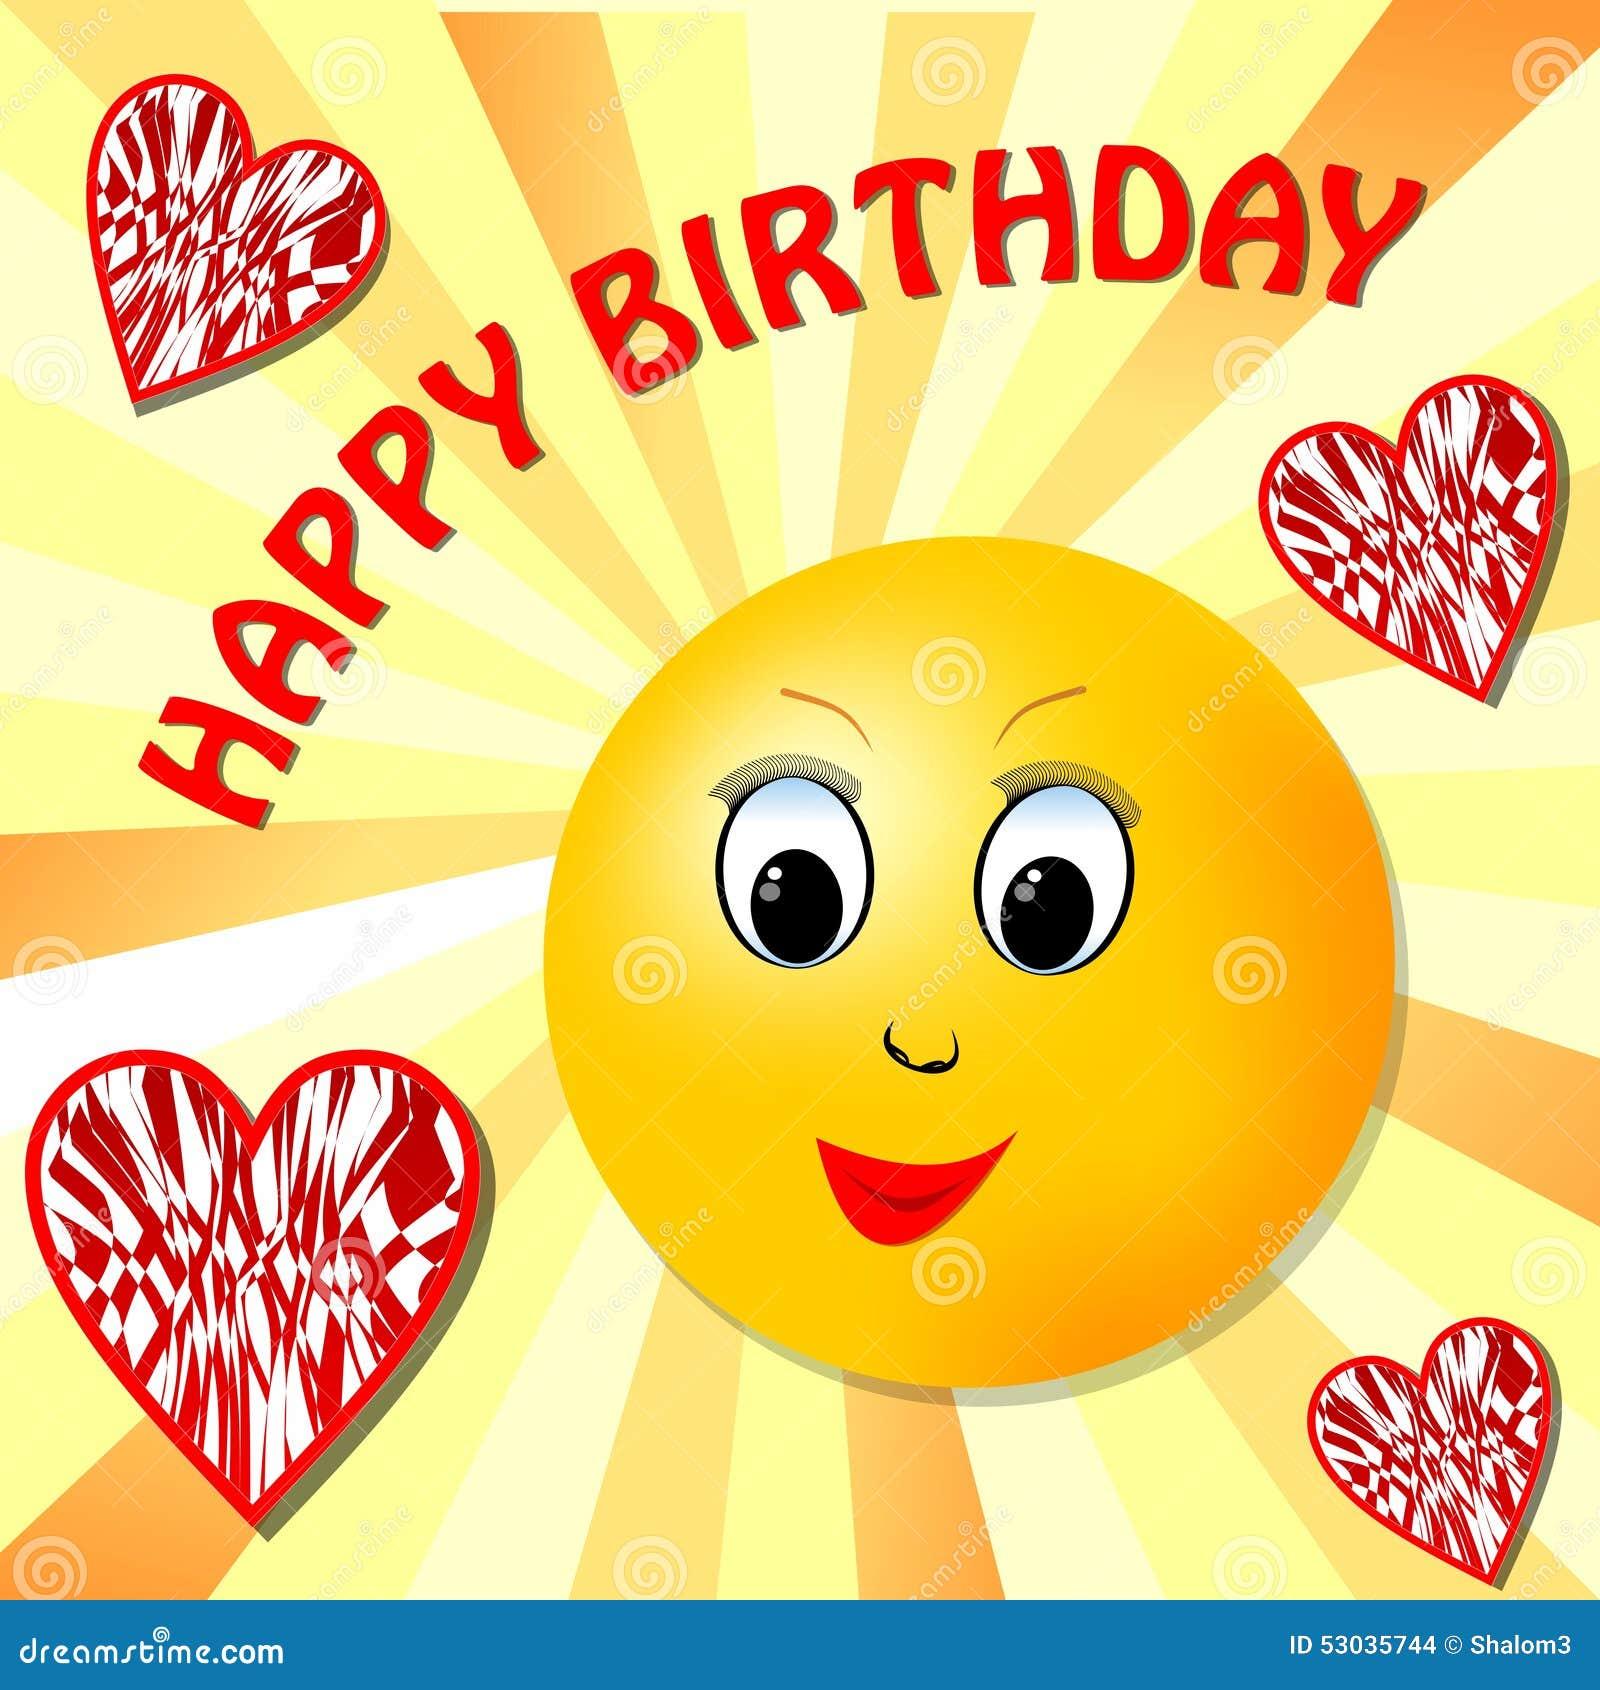 Открытка - солнышко с бокалом поздравляет с Днем рождения 42